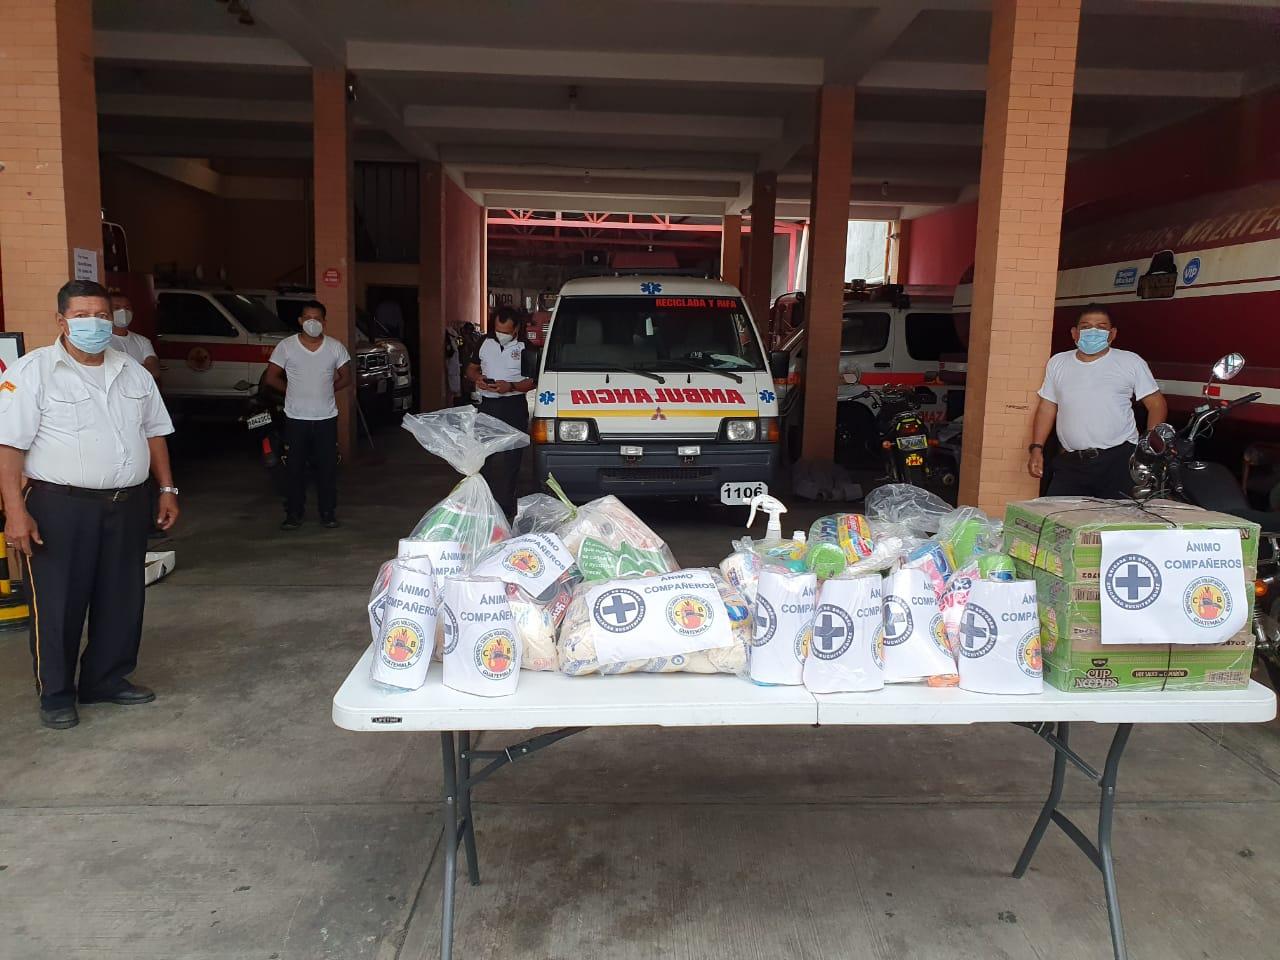 El noble gesto de bomberos al ayudar a compañeros de otro municipio tras contagio por coronavirus